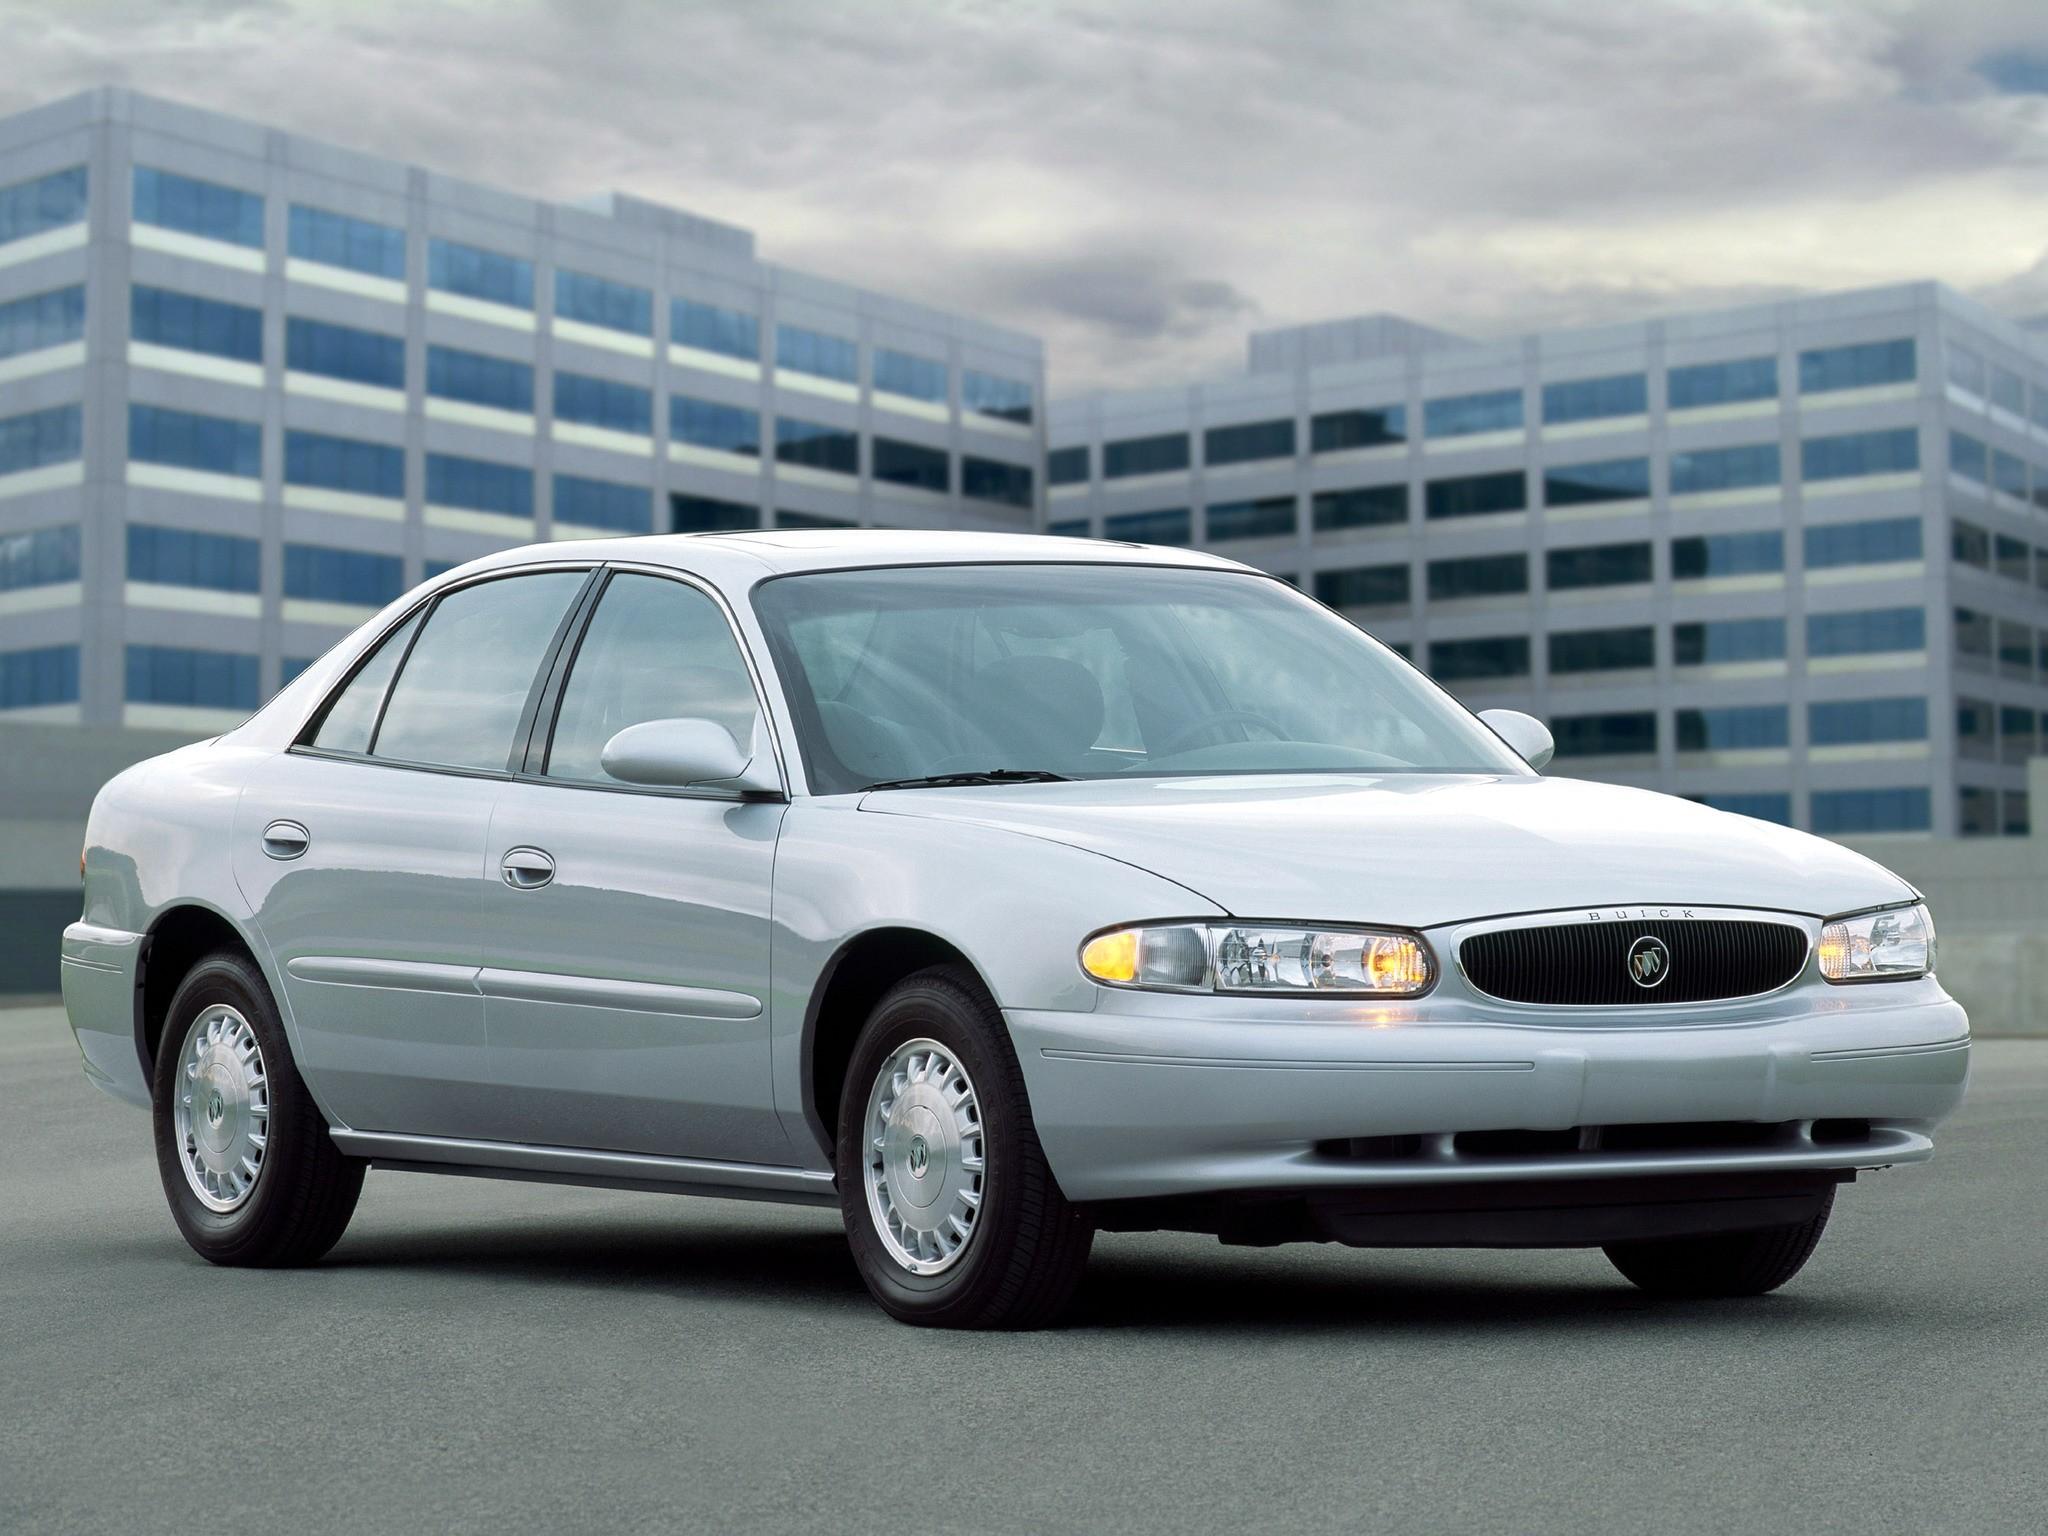 Buick Century Specs 1996 1997 1998 1999 2000 2001